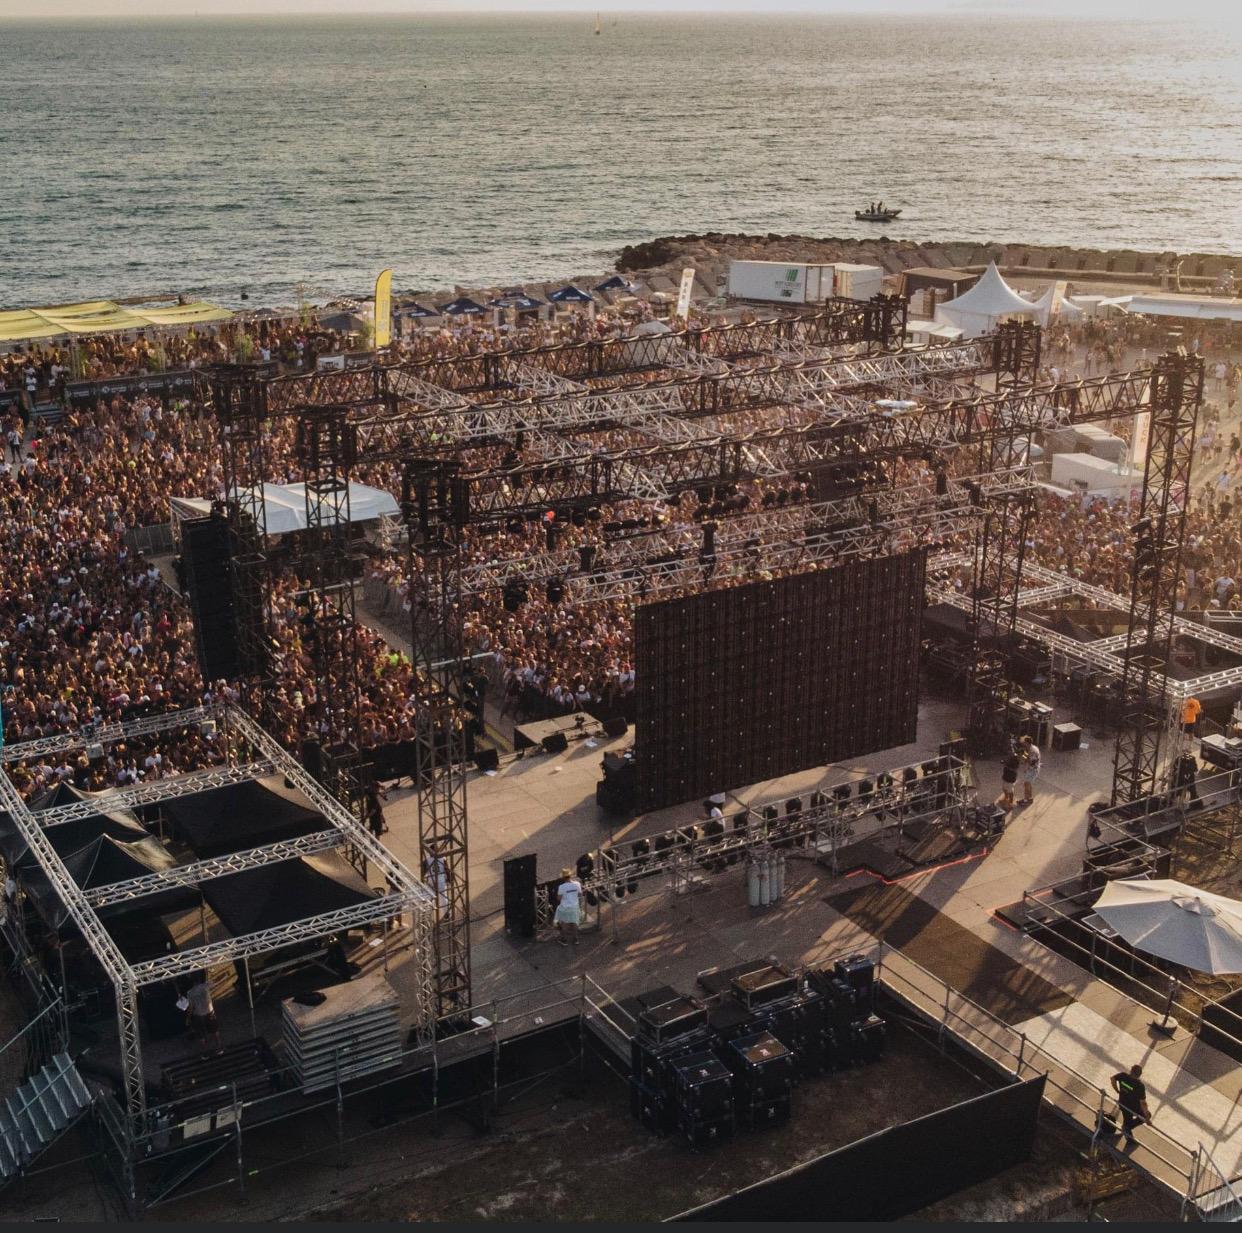 L'édition 2019 du Delta Festival avait rassemblé 40 000 jeunes en deux jours sur les plages du Prado©DR